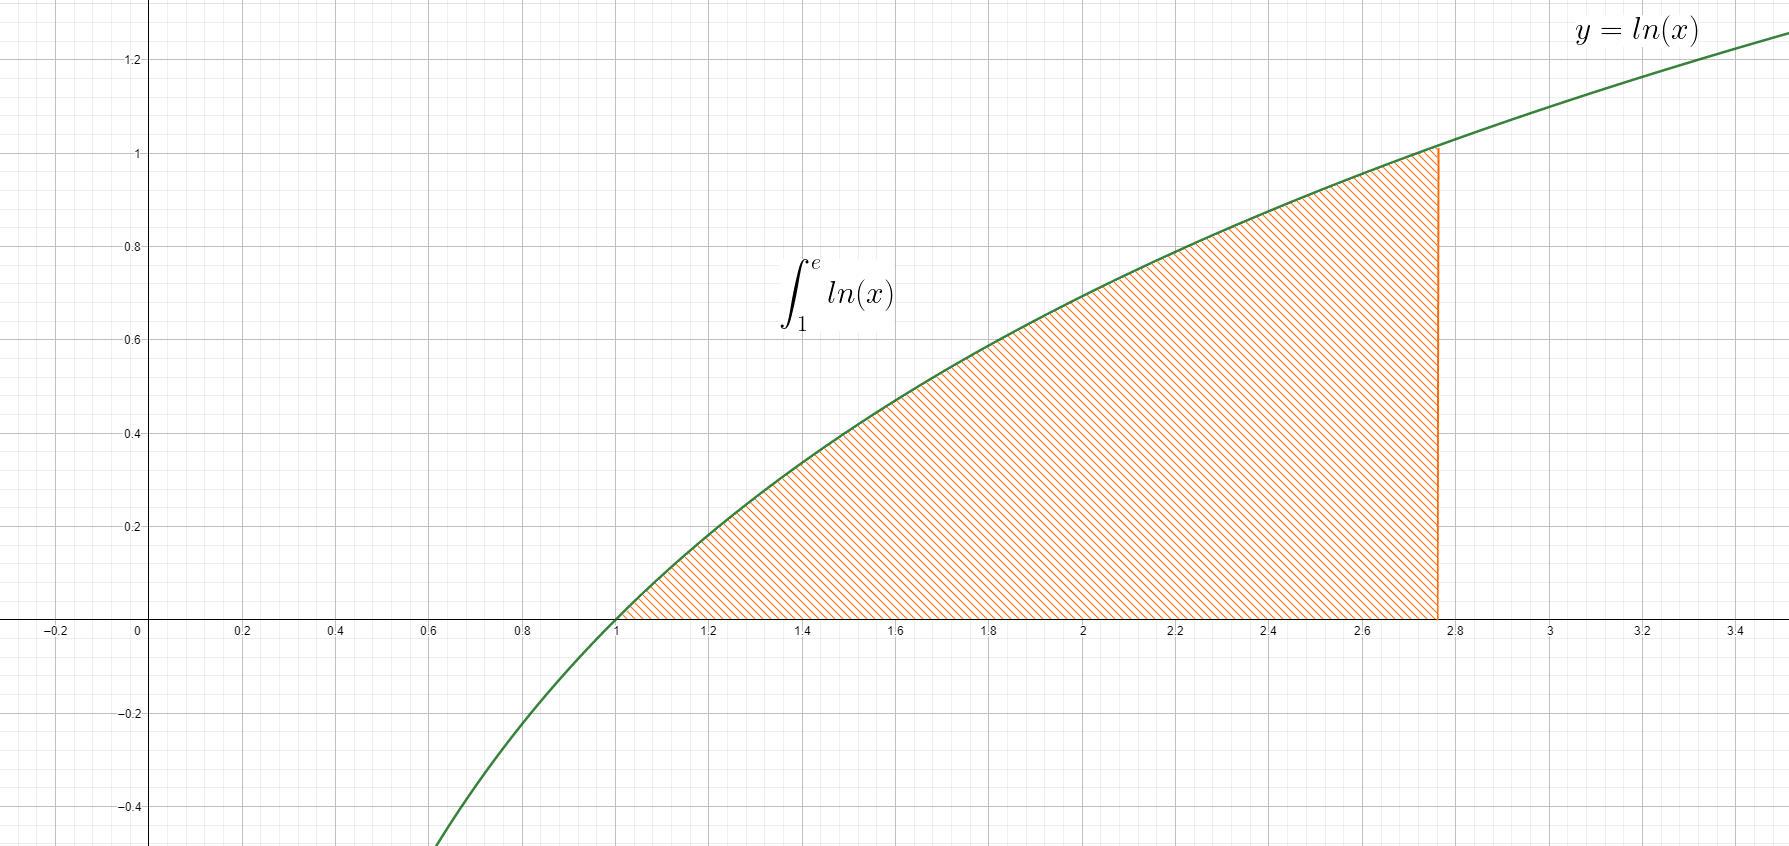 Analisi Matematica - f(x)=ln(x) - Grafico della funzione - AM042-01